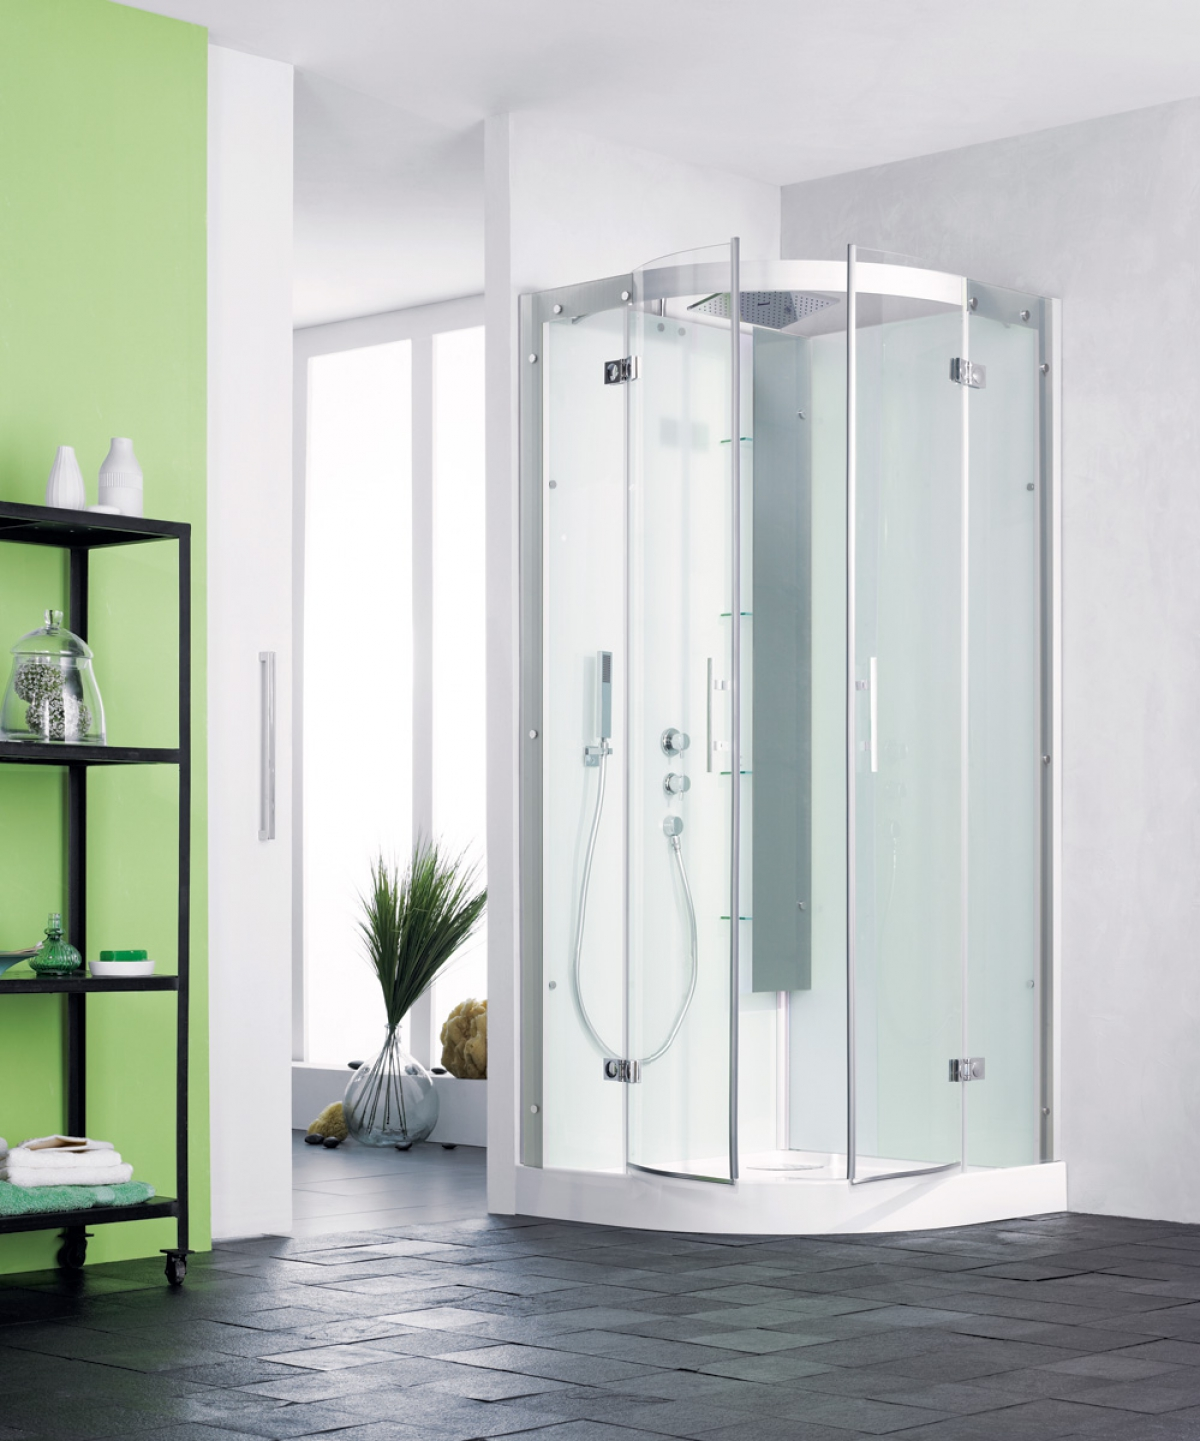 cabine de douche new horizon kinedo induscabel salle de bains chauffage et cuisine. Black Bedroom Furniture Sets. Home Design Ideas